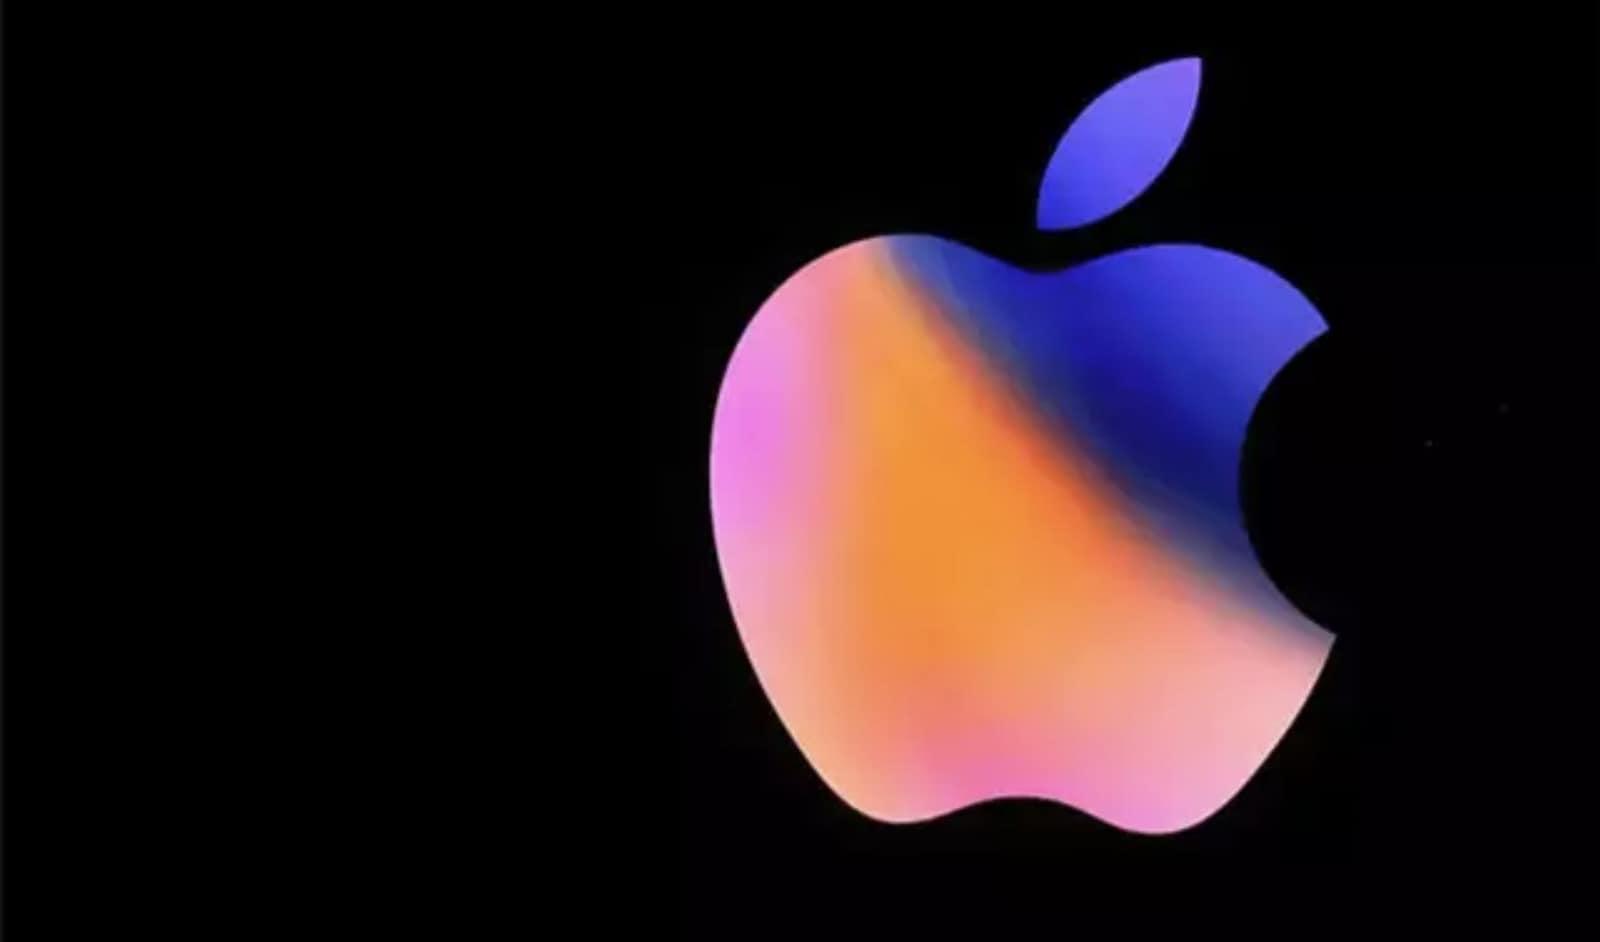 prodotti apple in forte sconto